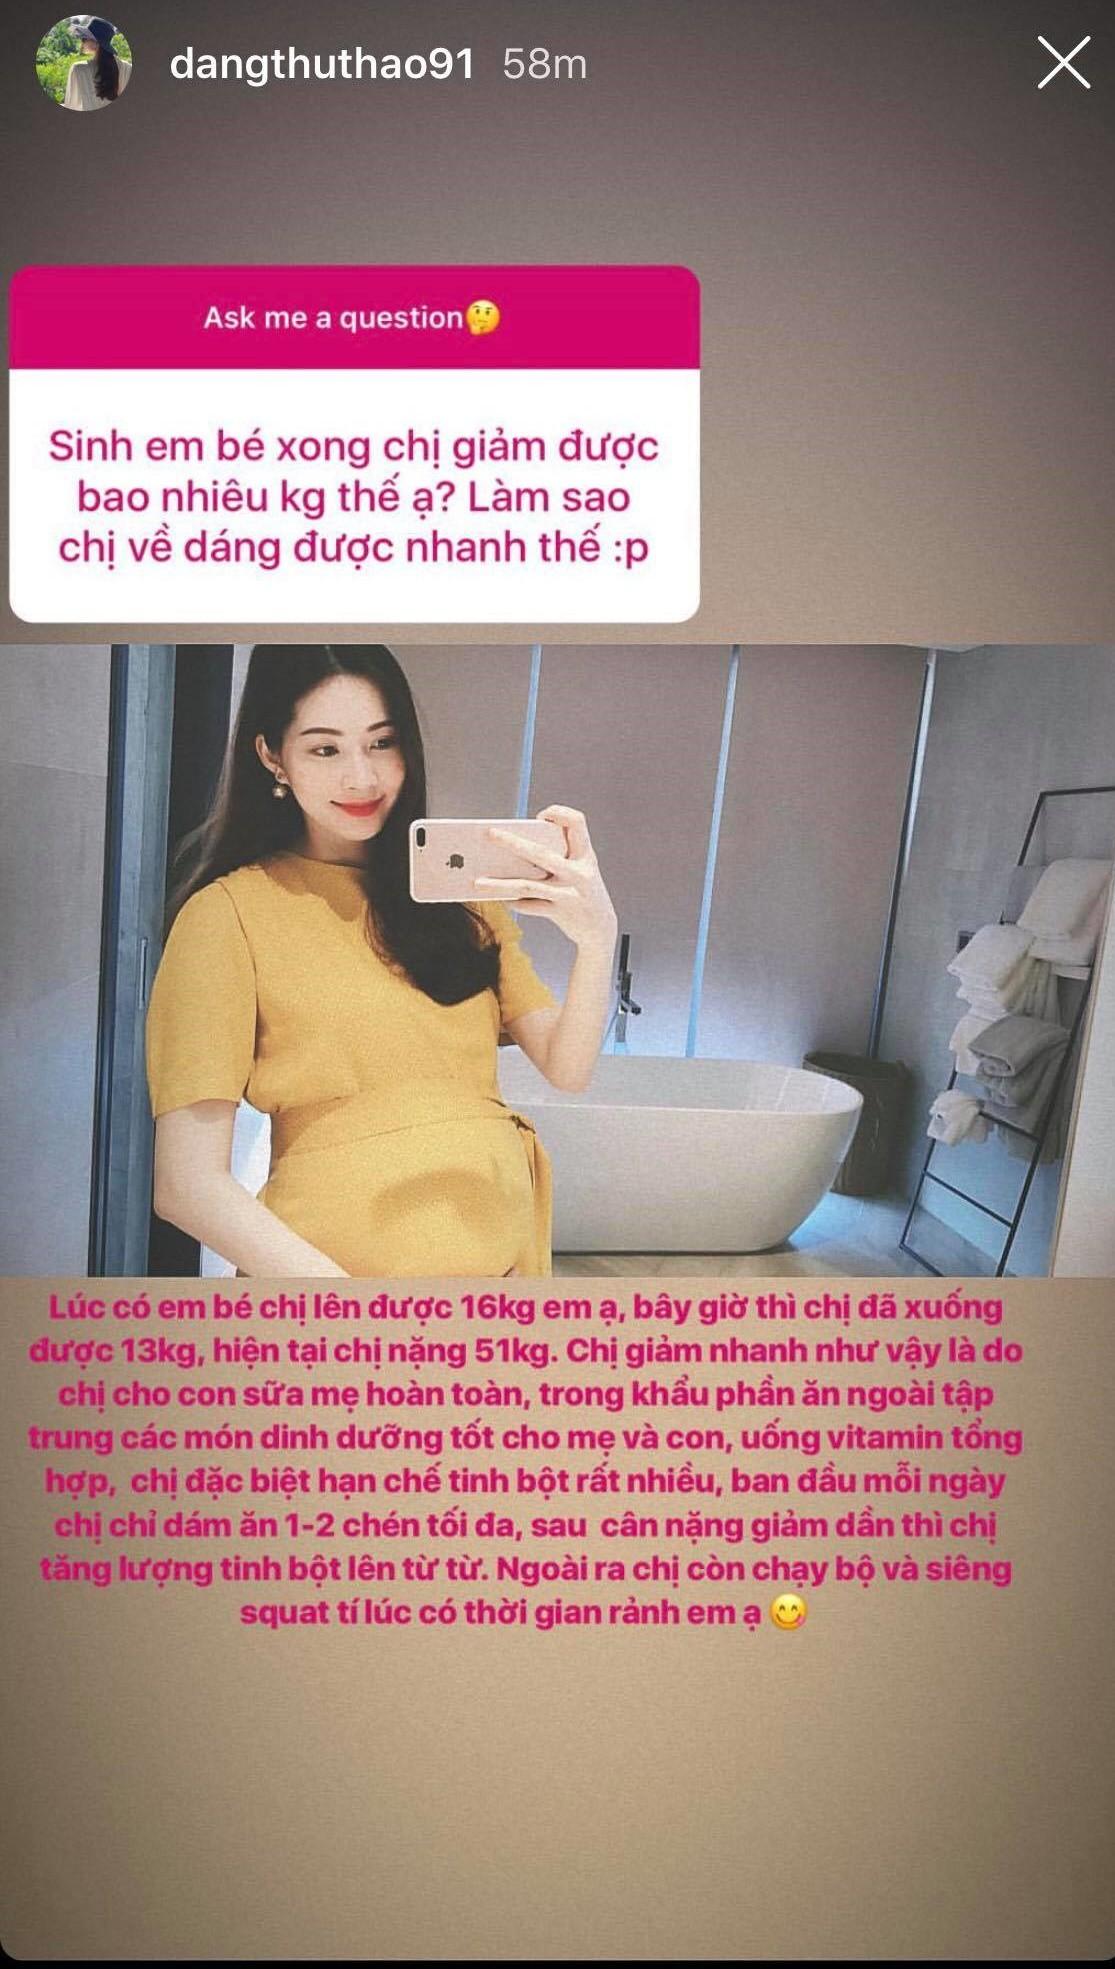 1 tháng sau sinh, hoa hậu Thu Thảo giảm hẳn 13 kg và lần đầu chia sẻ bí quyết lấy lại vóc dáng thần tốc  - Ảnh 4.